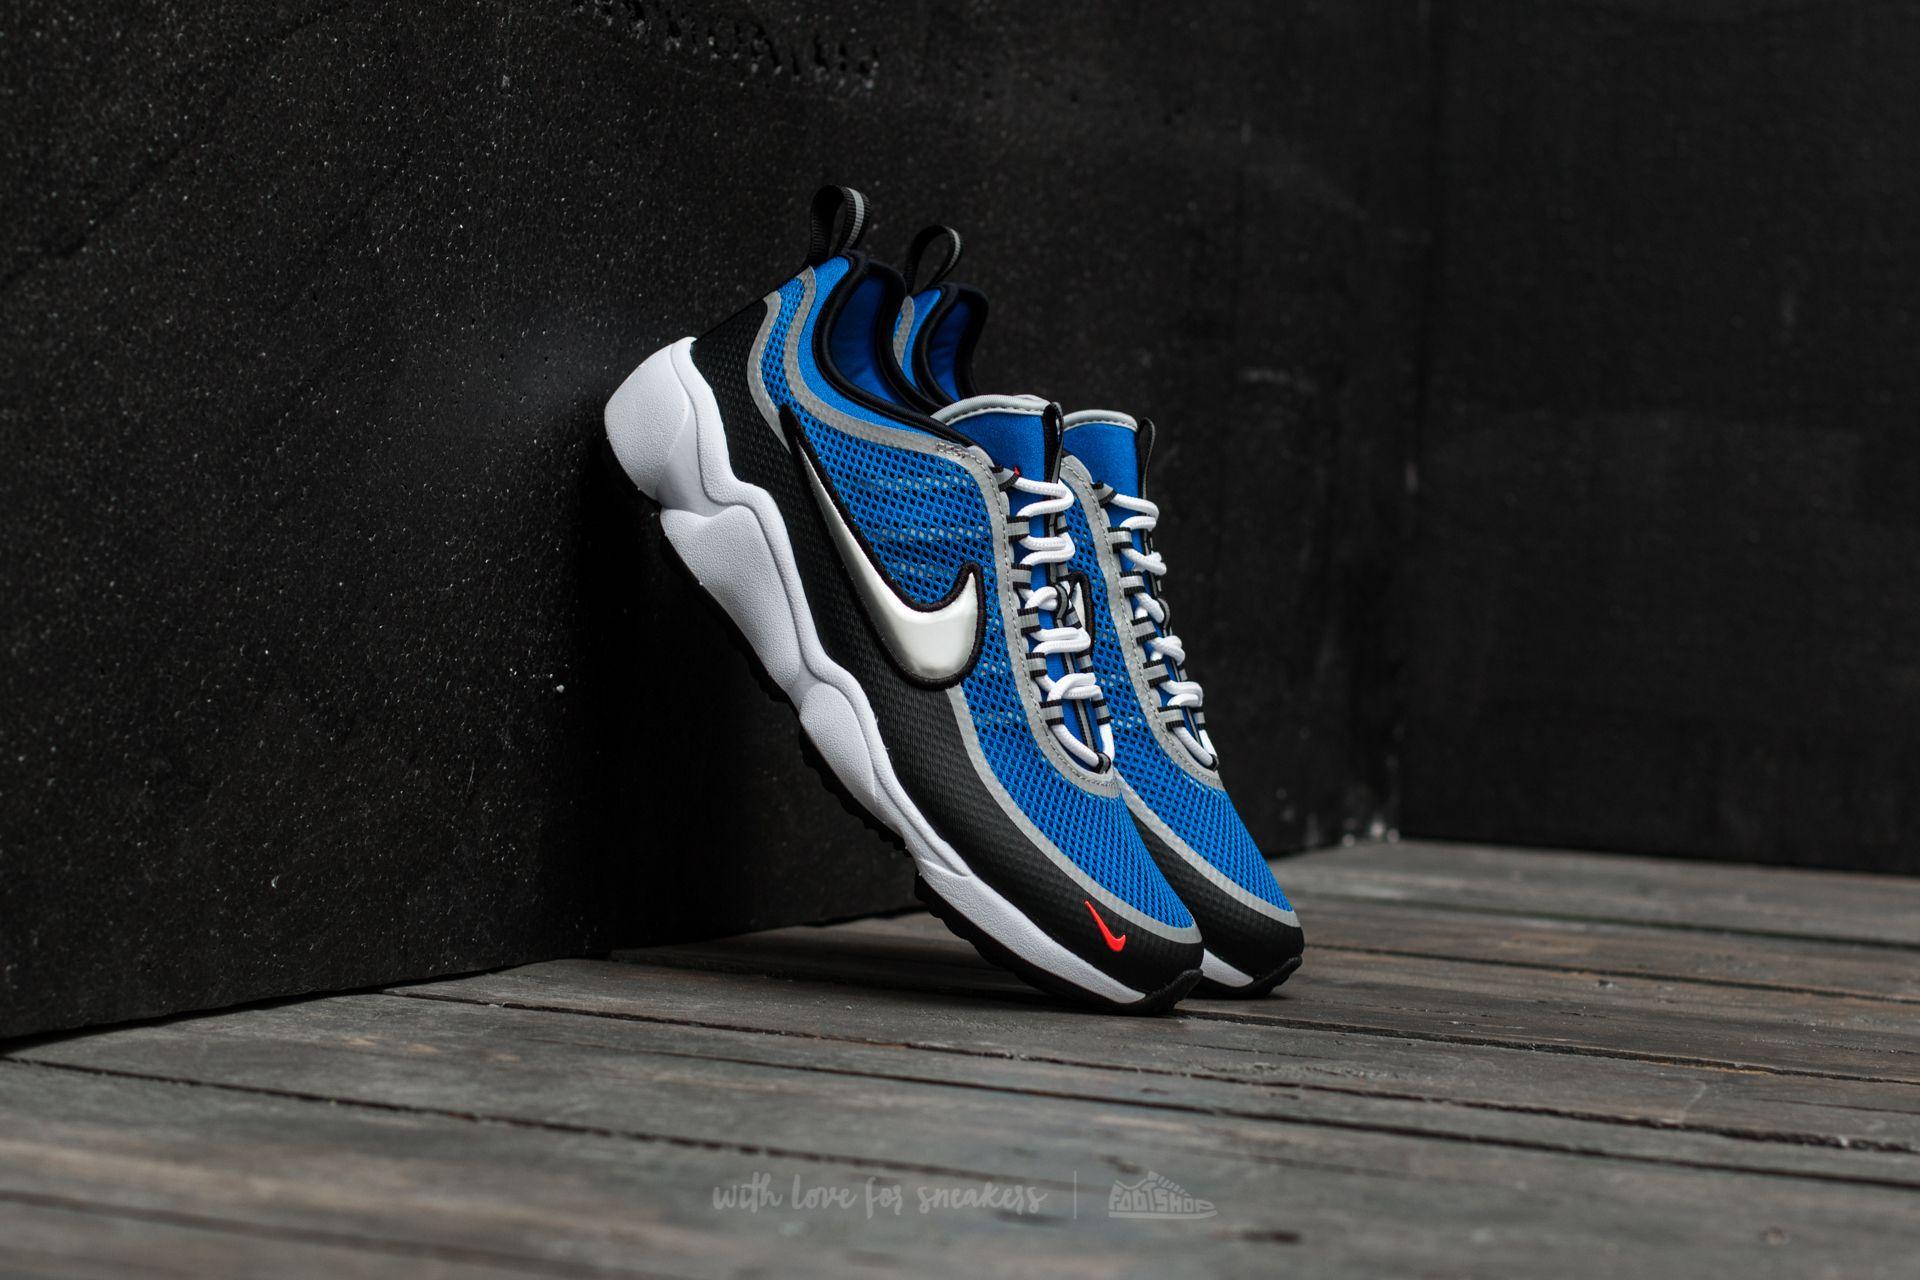 Nike Zoom Spiridon Regal Blue/ Metallic Silver